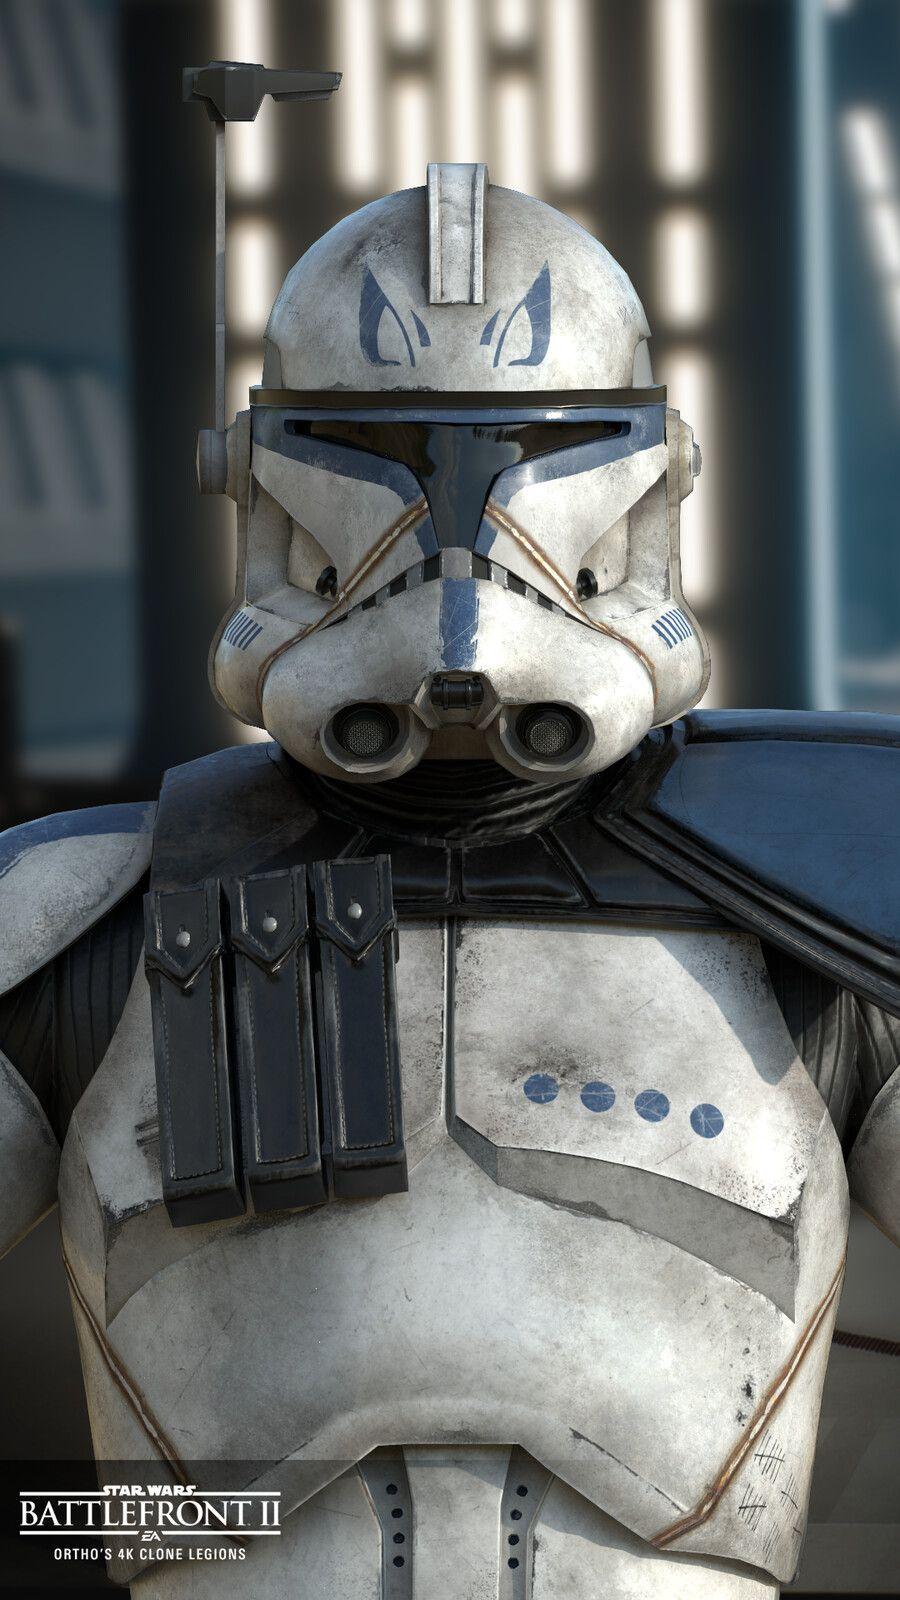 Captain Rex Star Wars Battlefront Ii 2017 Ortho Orthohex Star Wars Clones Ideas Of Star Star Wars Background Star Wars Pictures Star Wars Clone Wars